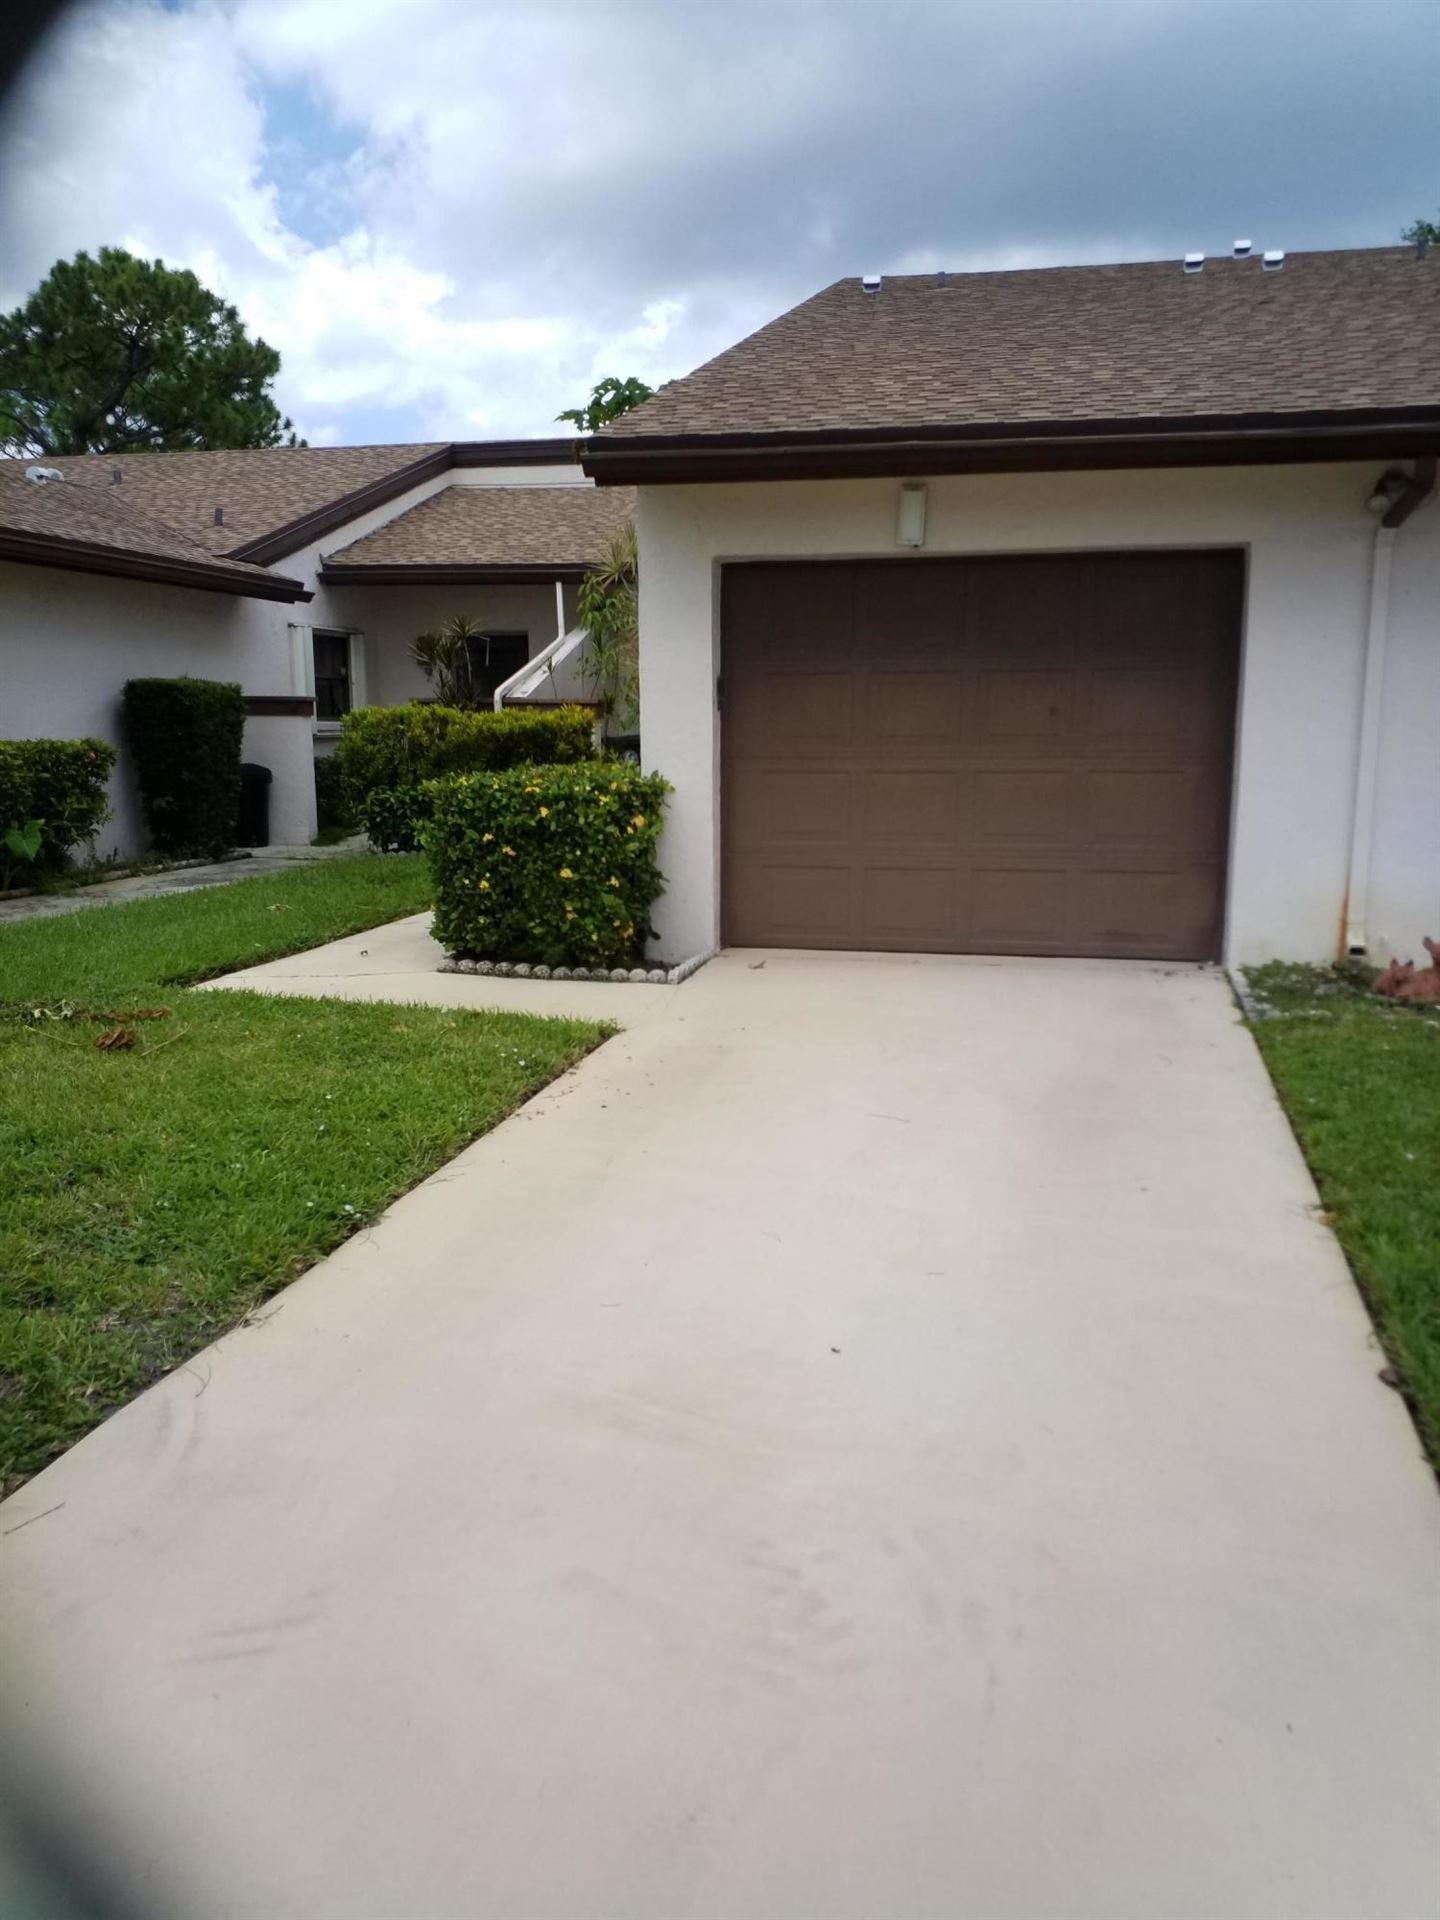 6105 Elsinore Circle, Greenacres, FL 33463 - #: RX-10736054